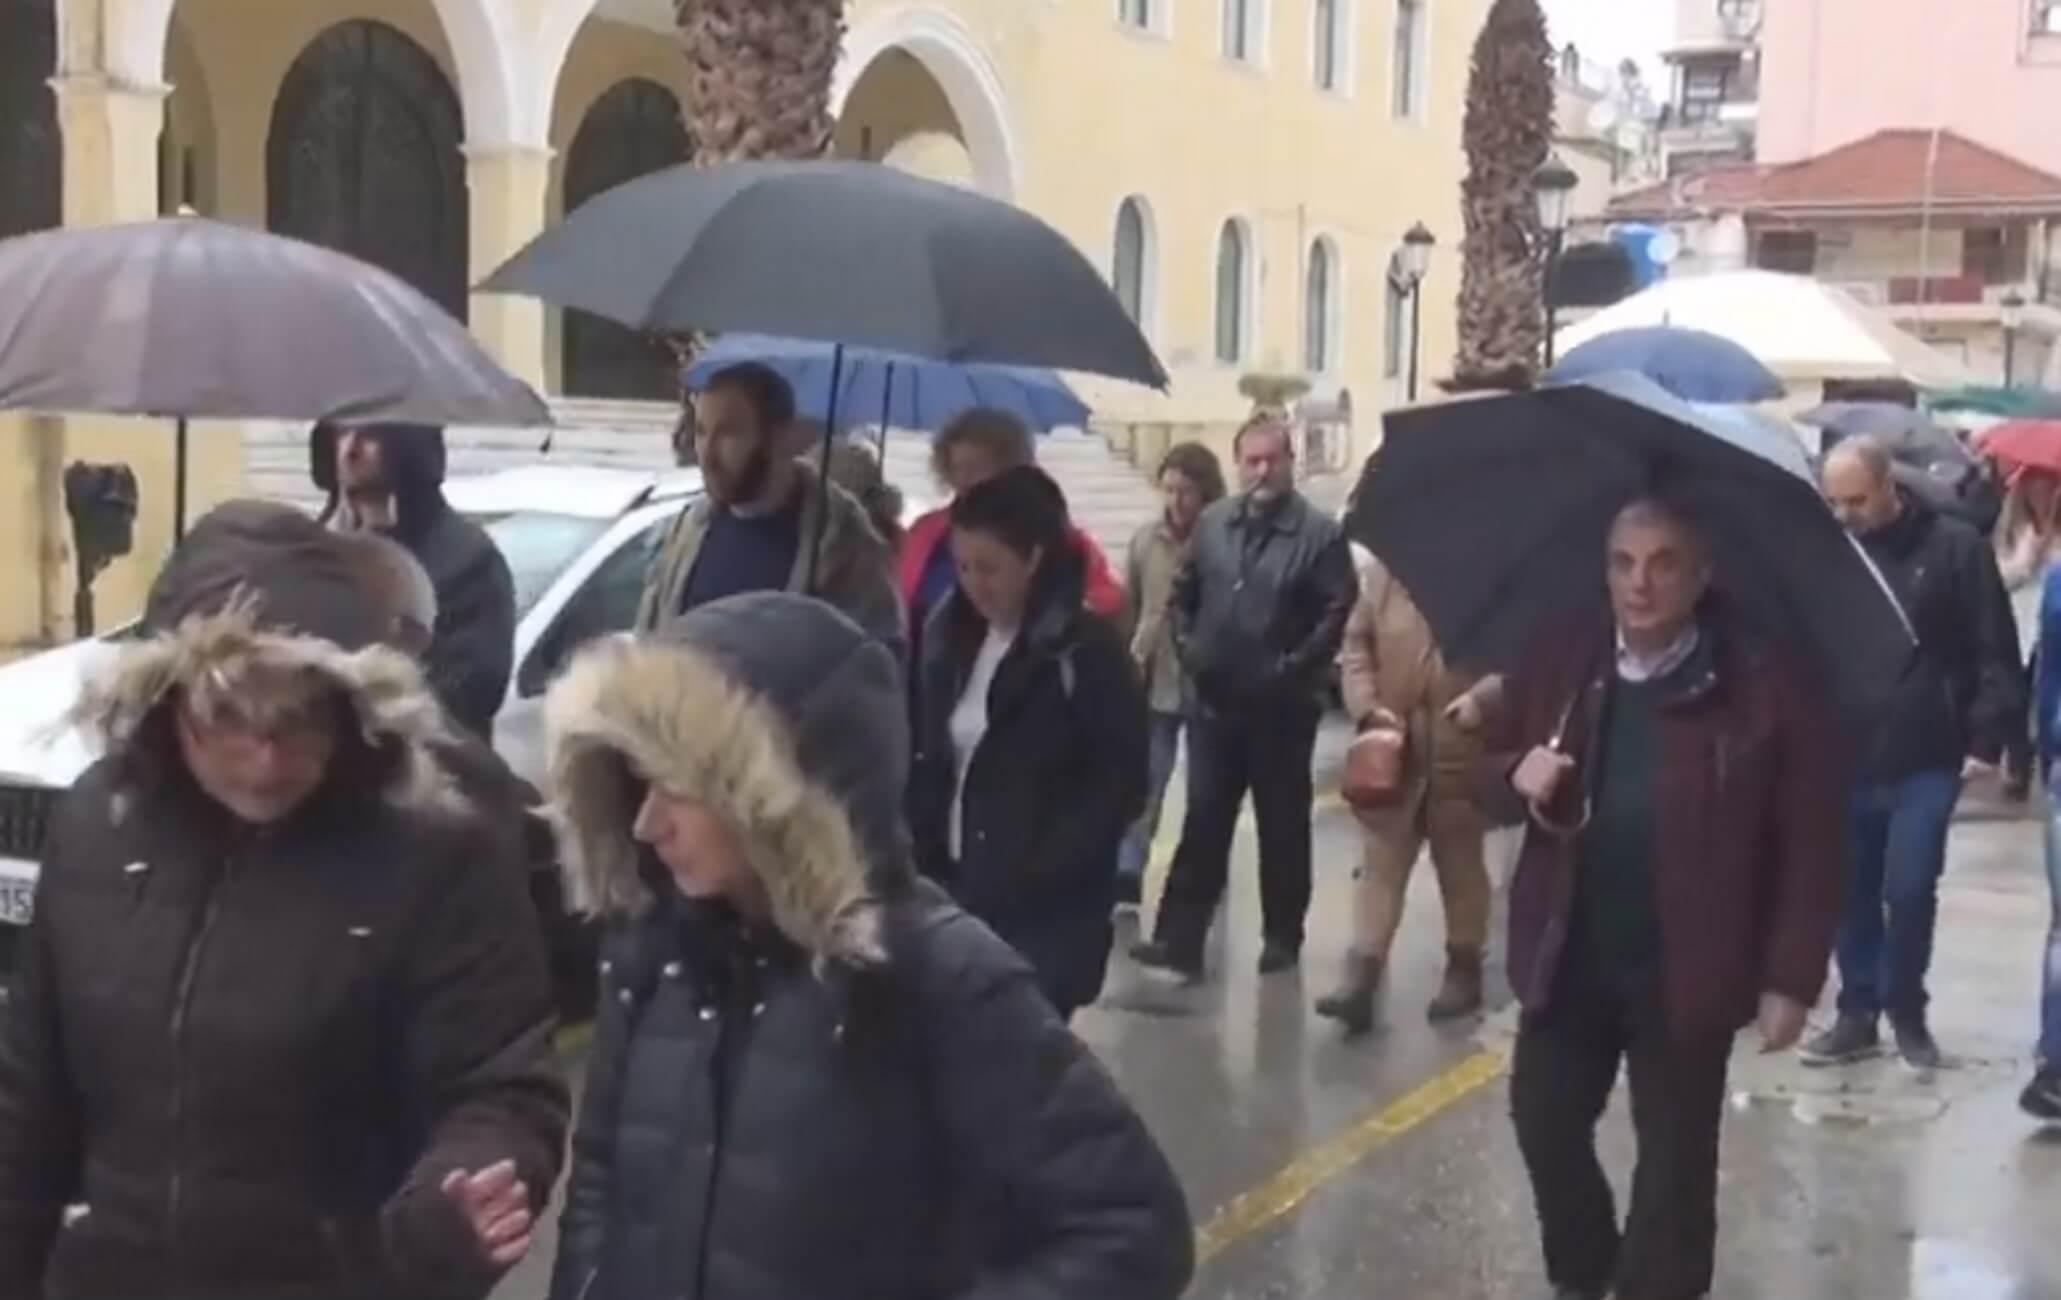 """Ζάκυνθος: """"Δεν αντέχουμε άλλους νεκρούς"""" – Πορεία διαμαρτυρίας για το νοσοκομείο – video"""